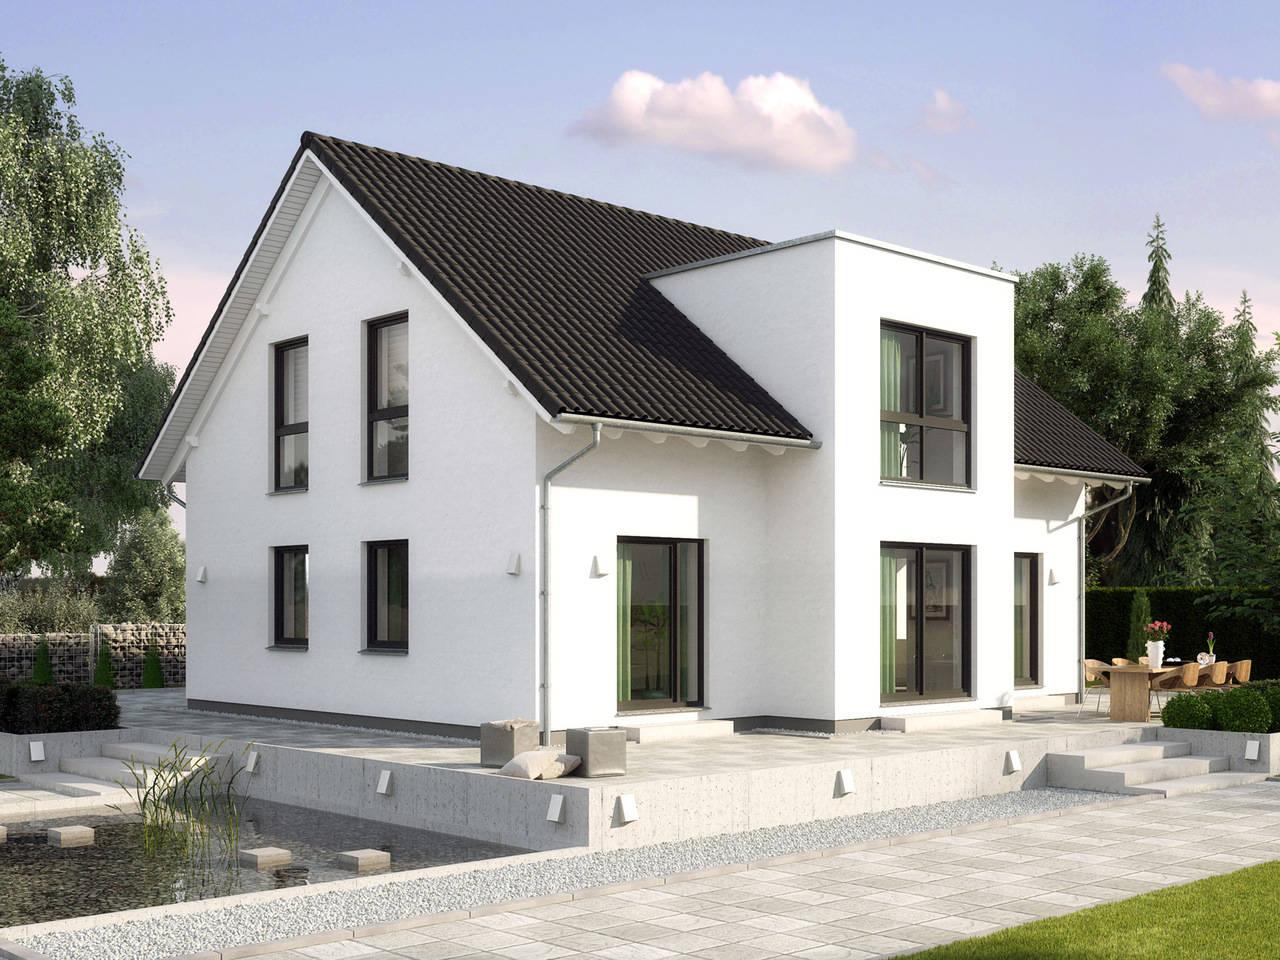 Einfamilienhaus Birkenallee Variante 1 Außenansicht GUSSEK HAUS